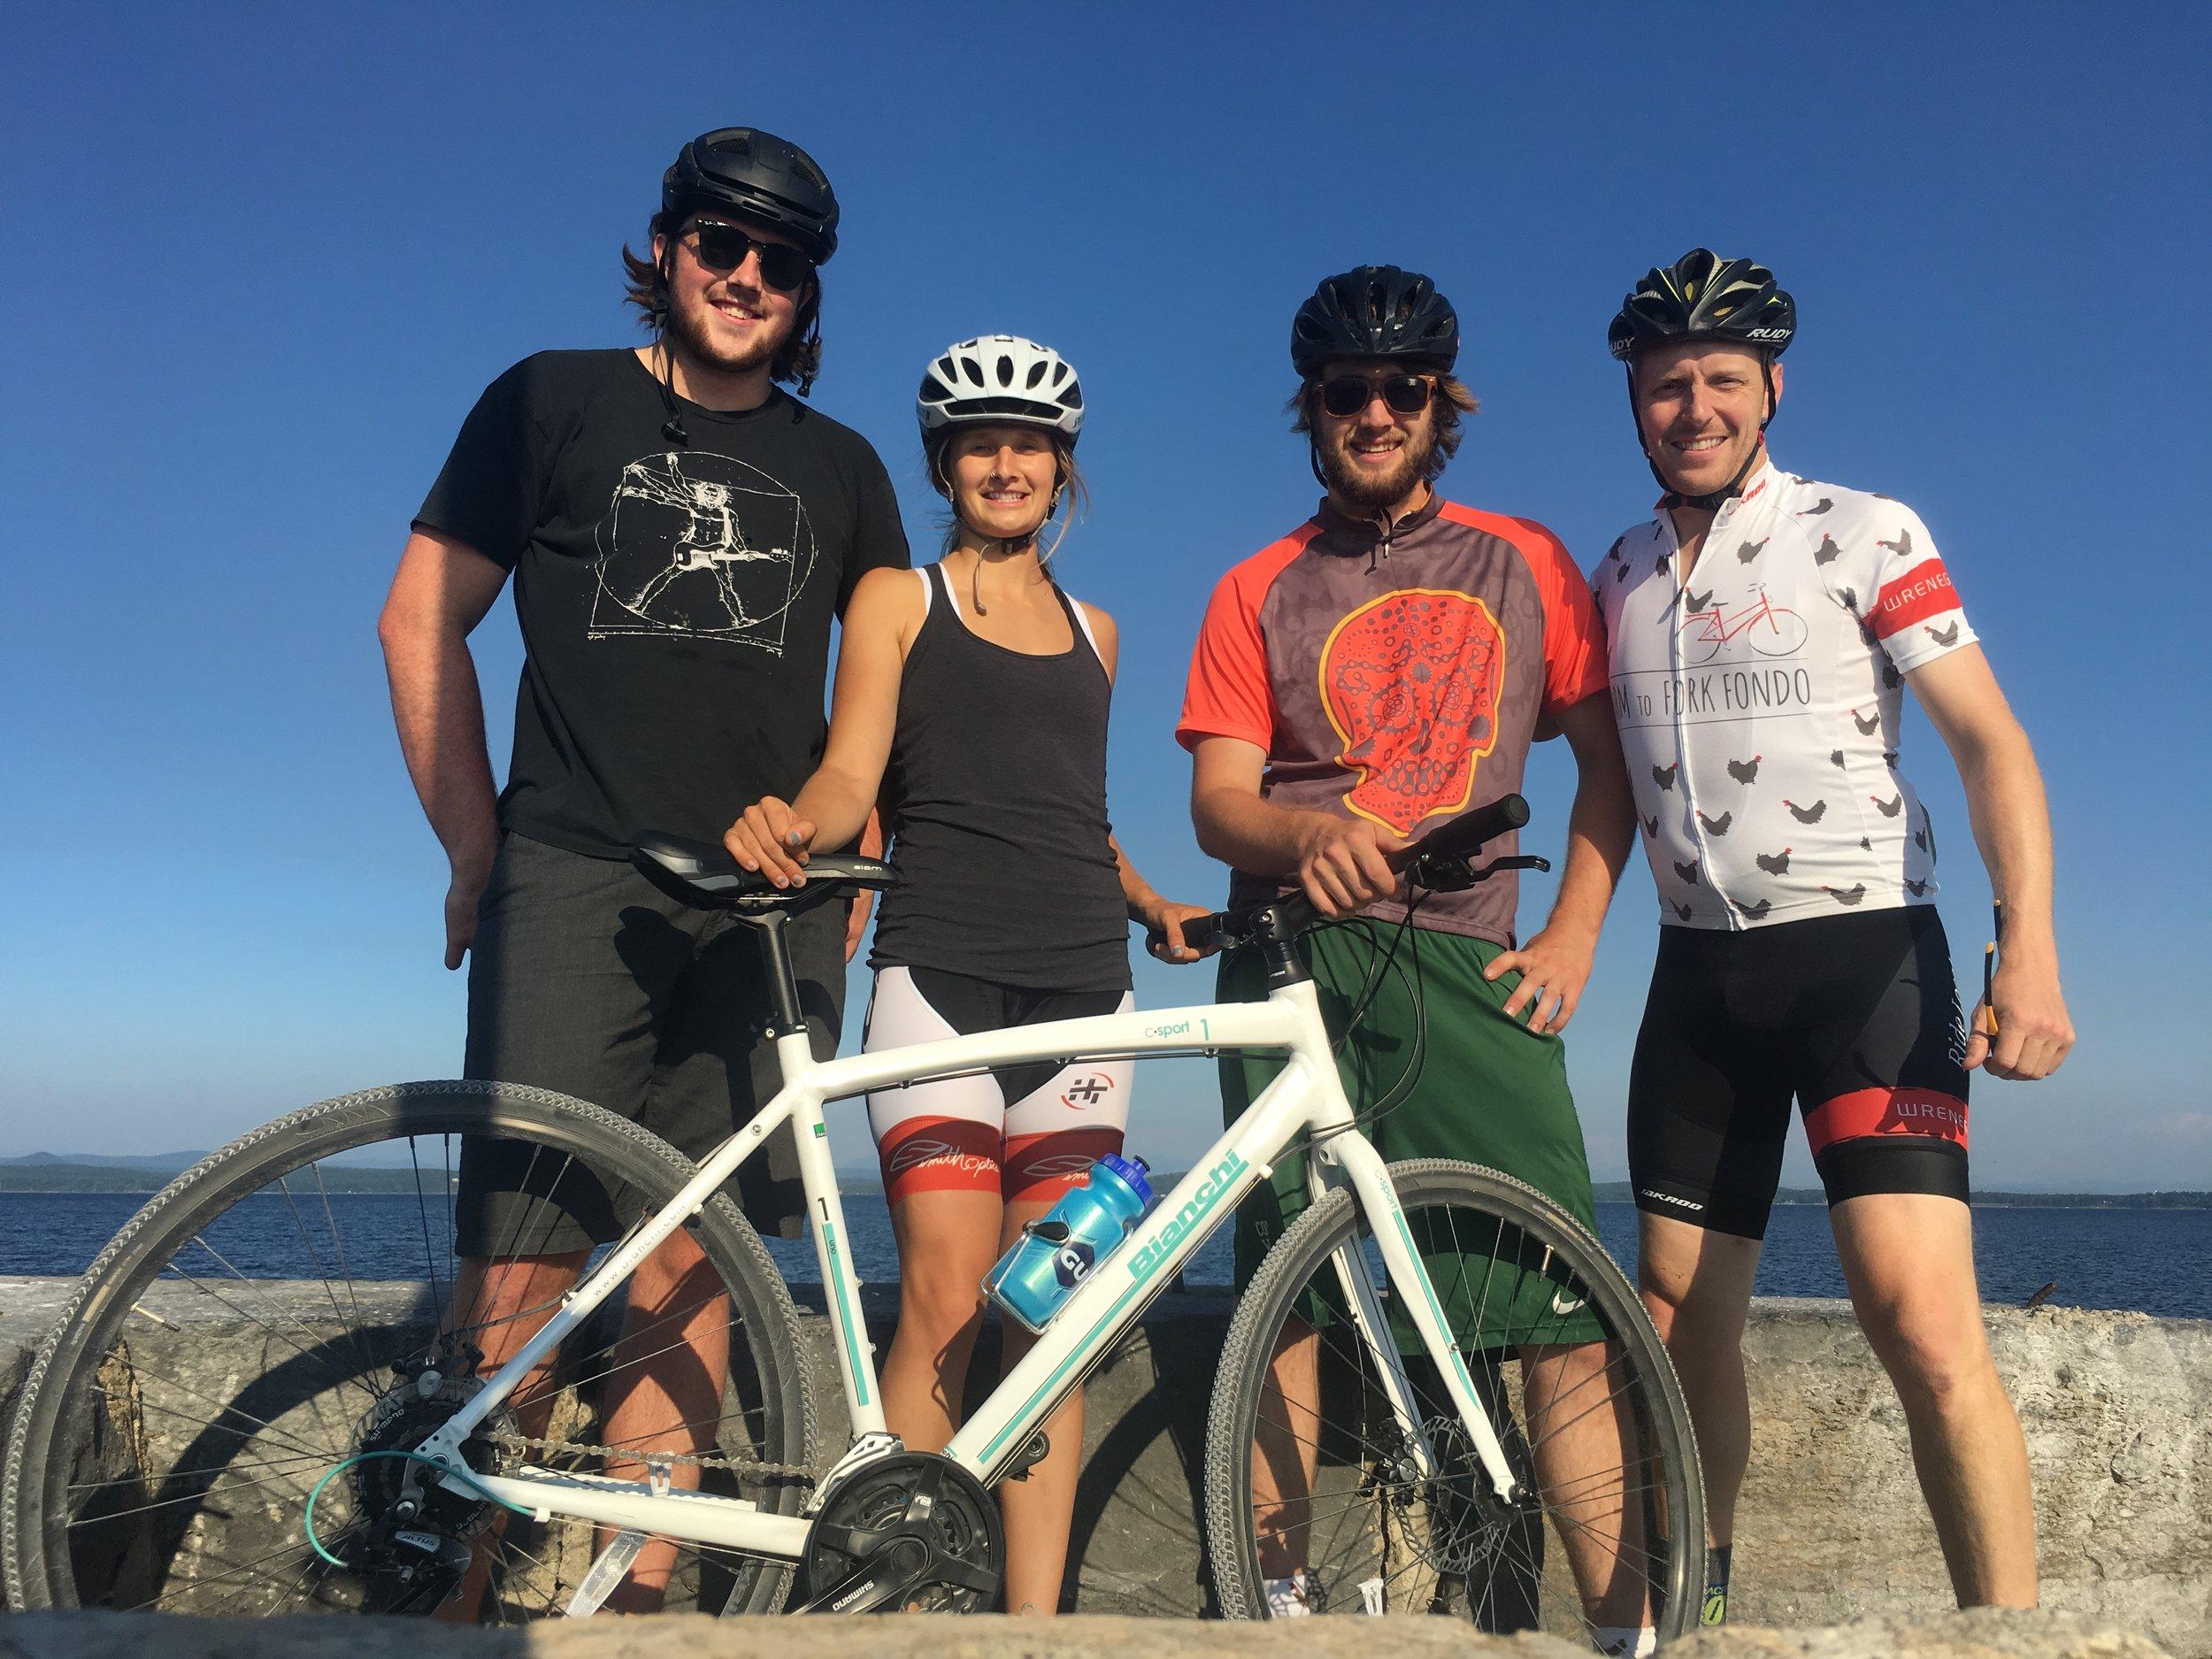 crew bike ride.JPG